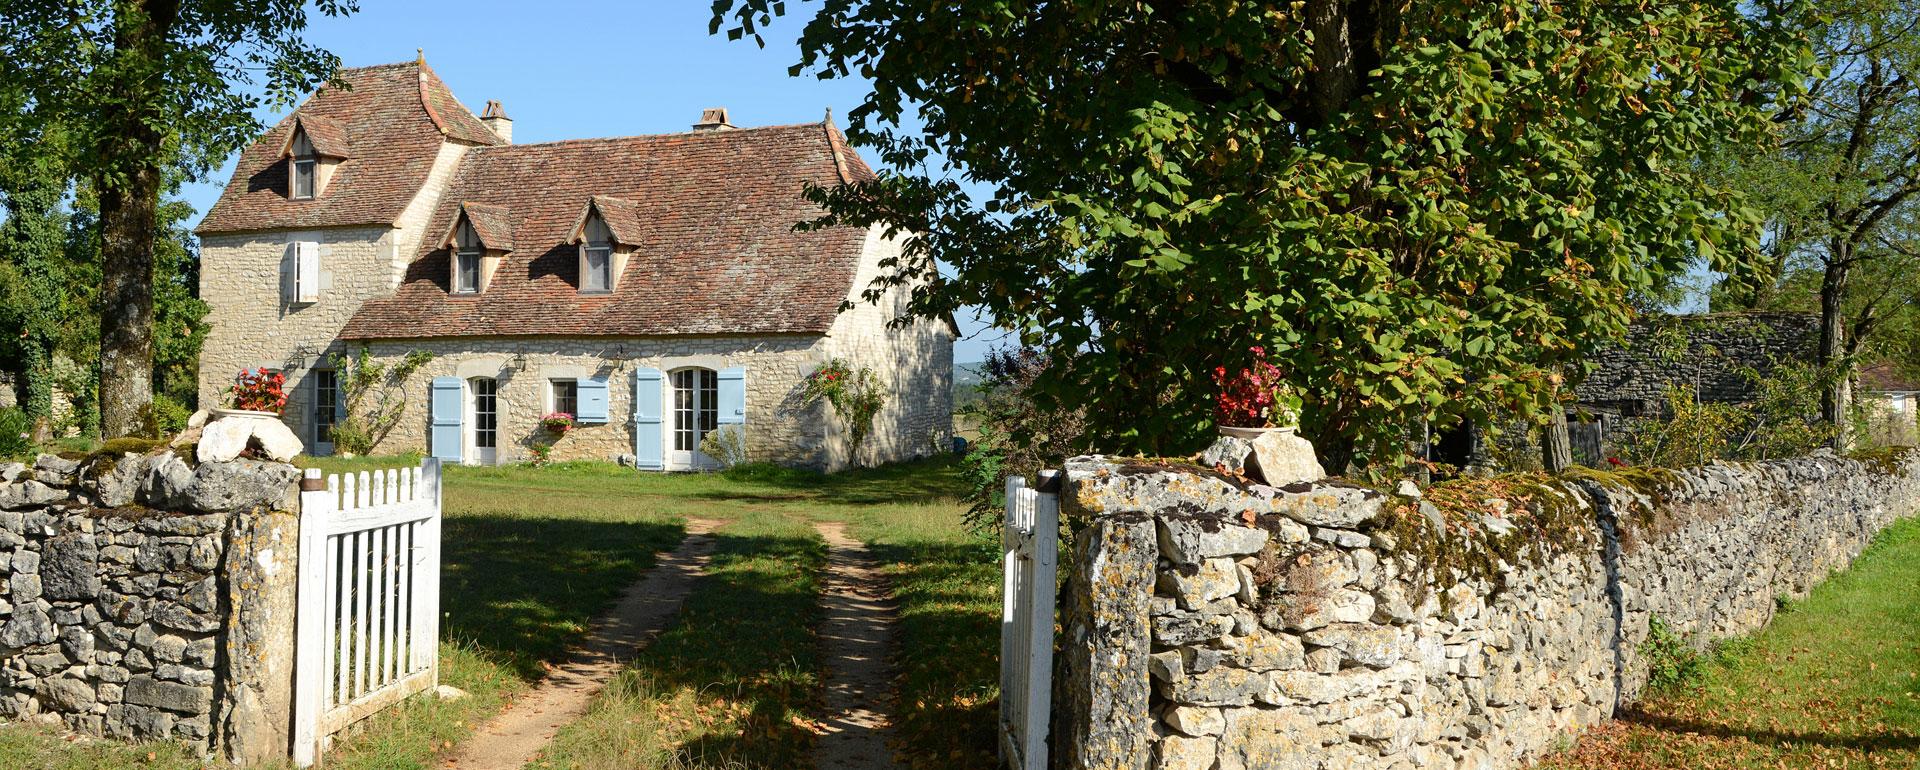 Maison à la campagne - Quercy - Lot